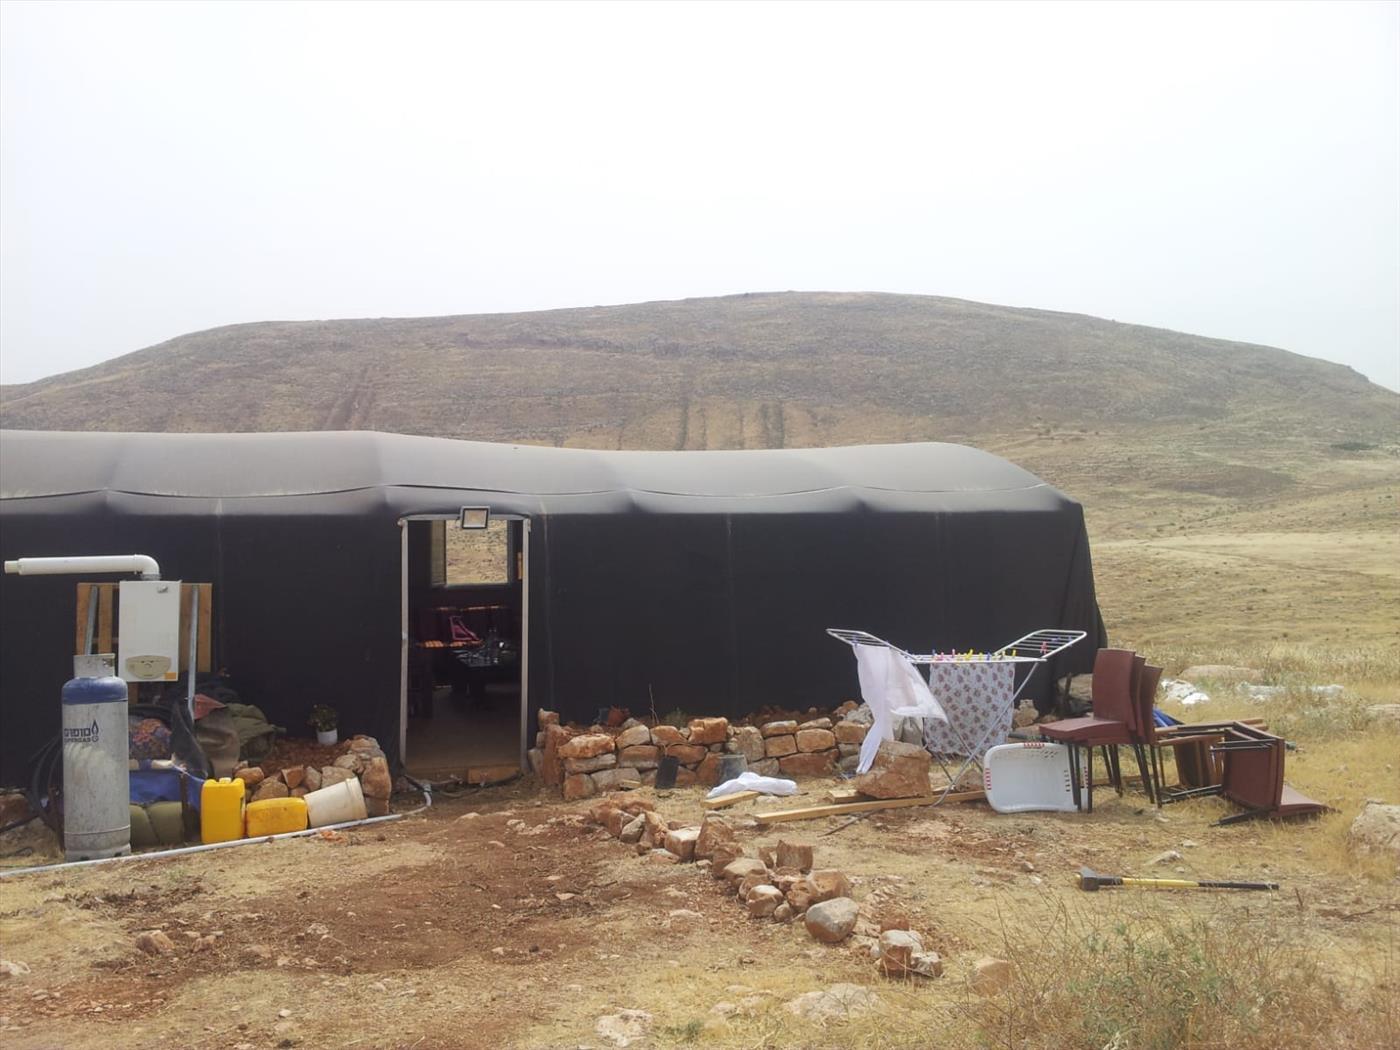 אחד מהמבנים הצפוי לההירס  (צילום: עמישב מלט)